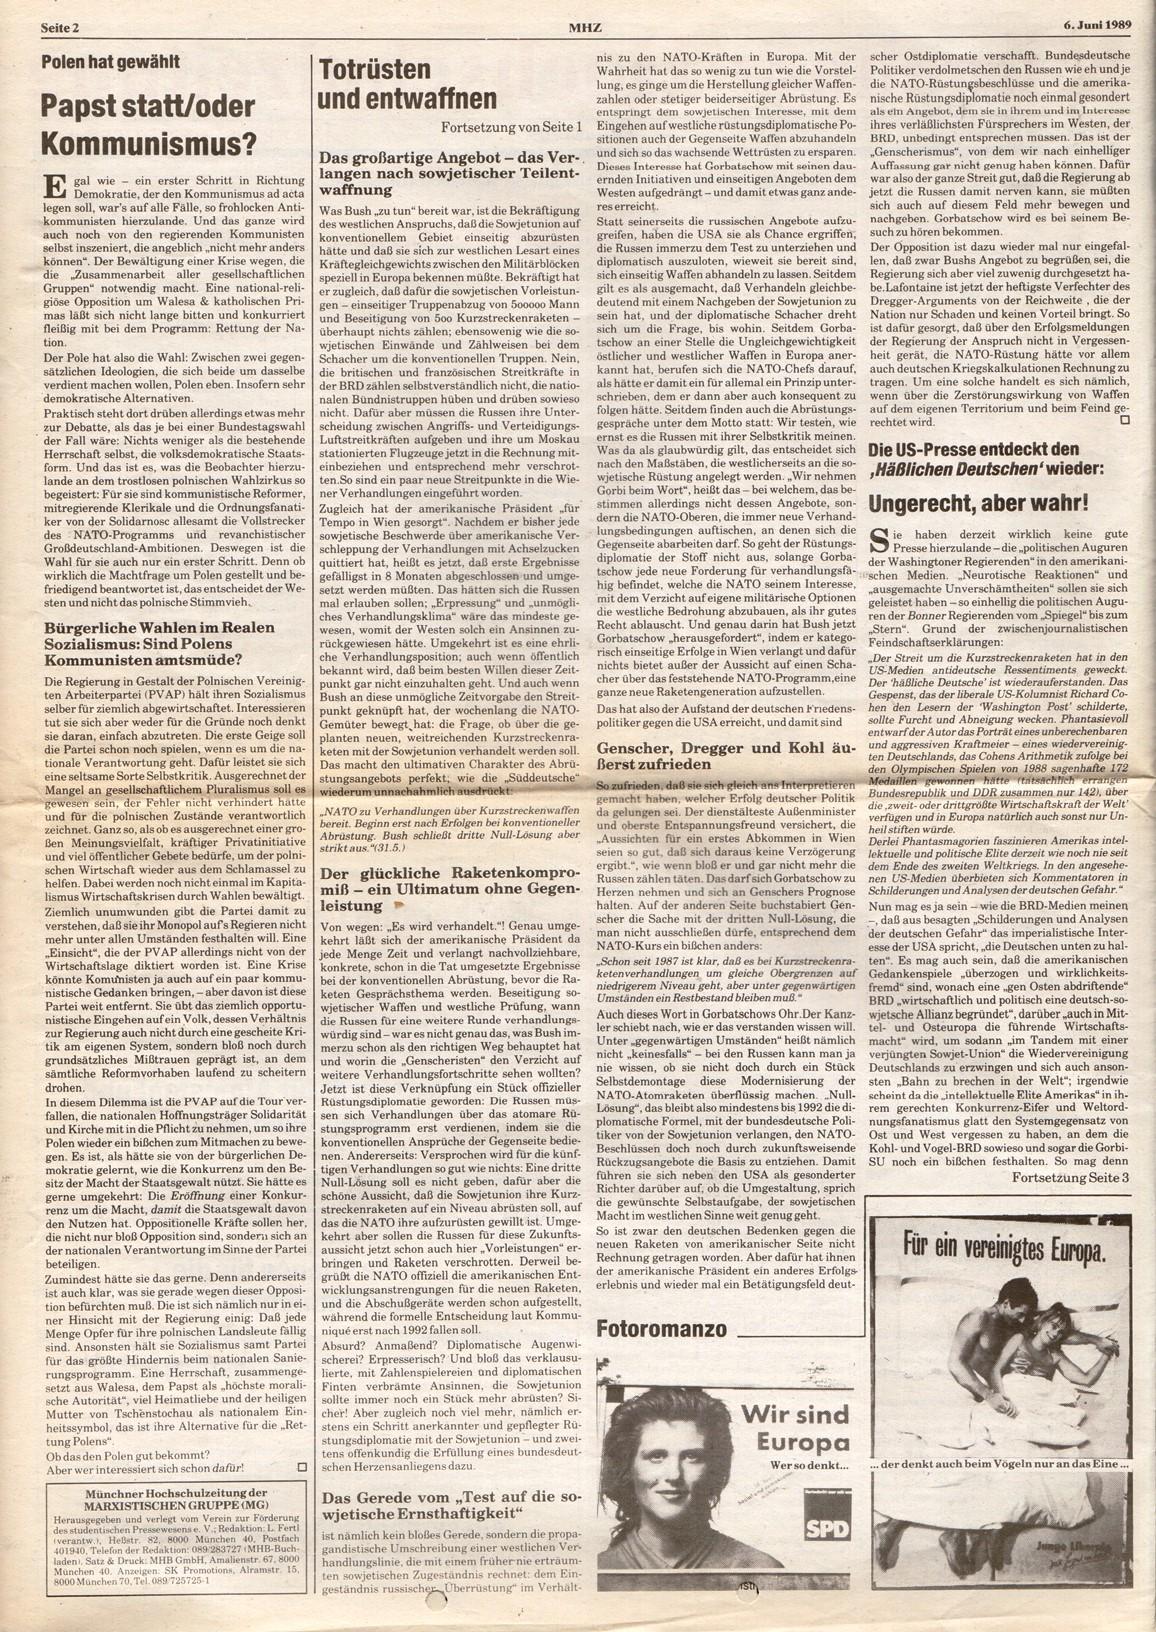 Muenchen_MG_Hochschulzeitung_19890606_02